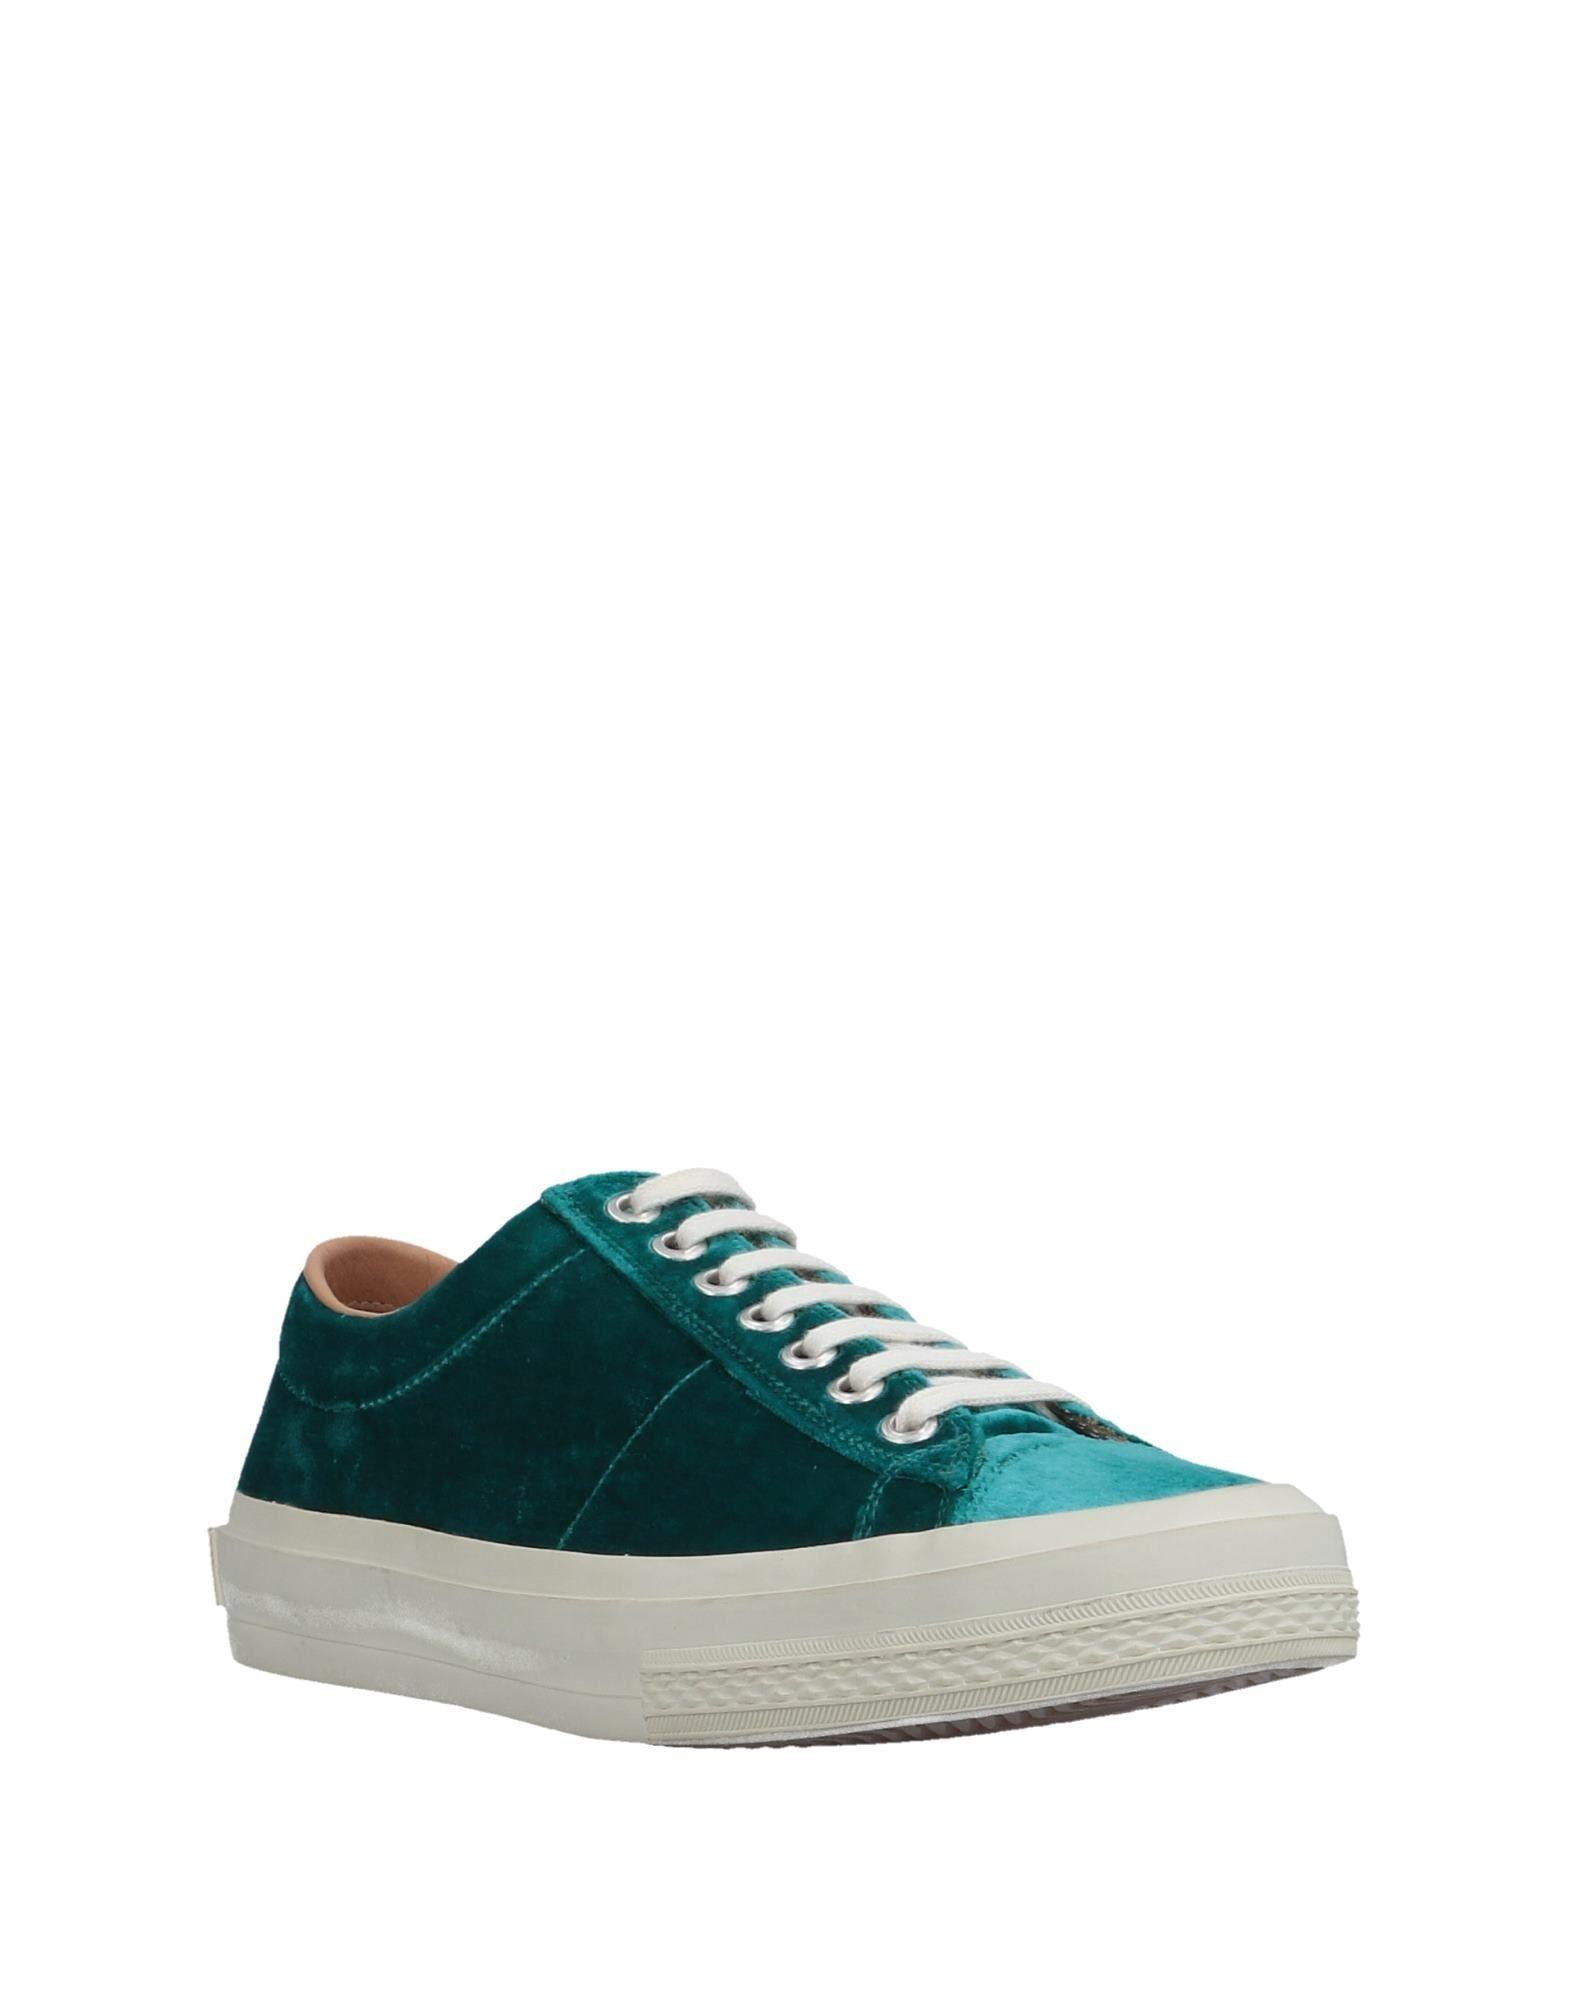 sale retailer 6c7cc 8990e ... Dries Van Noten Sneakers - Women Dries Dries Dries Van Noten Sneakers  online on Canada ...